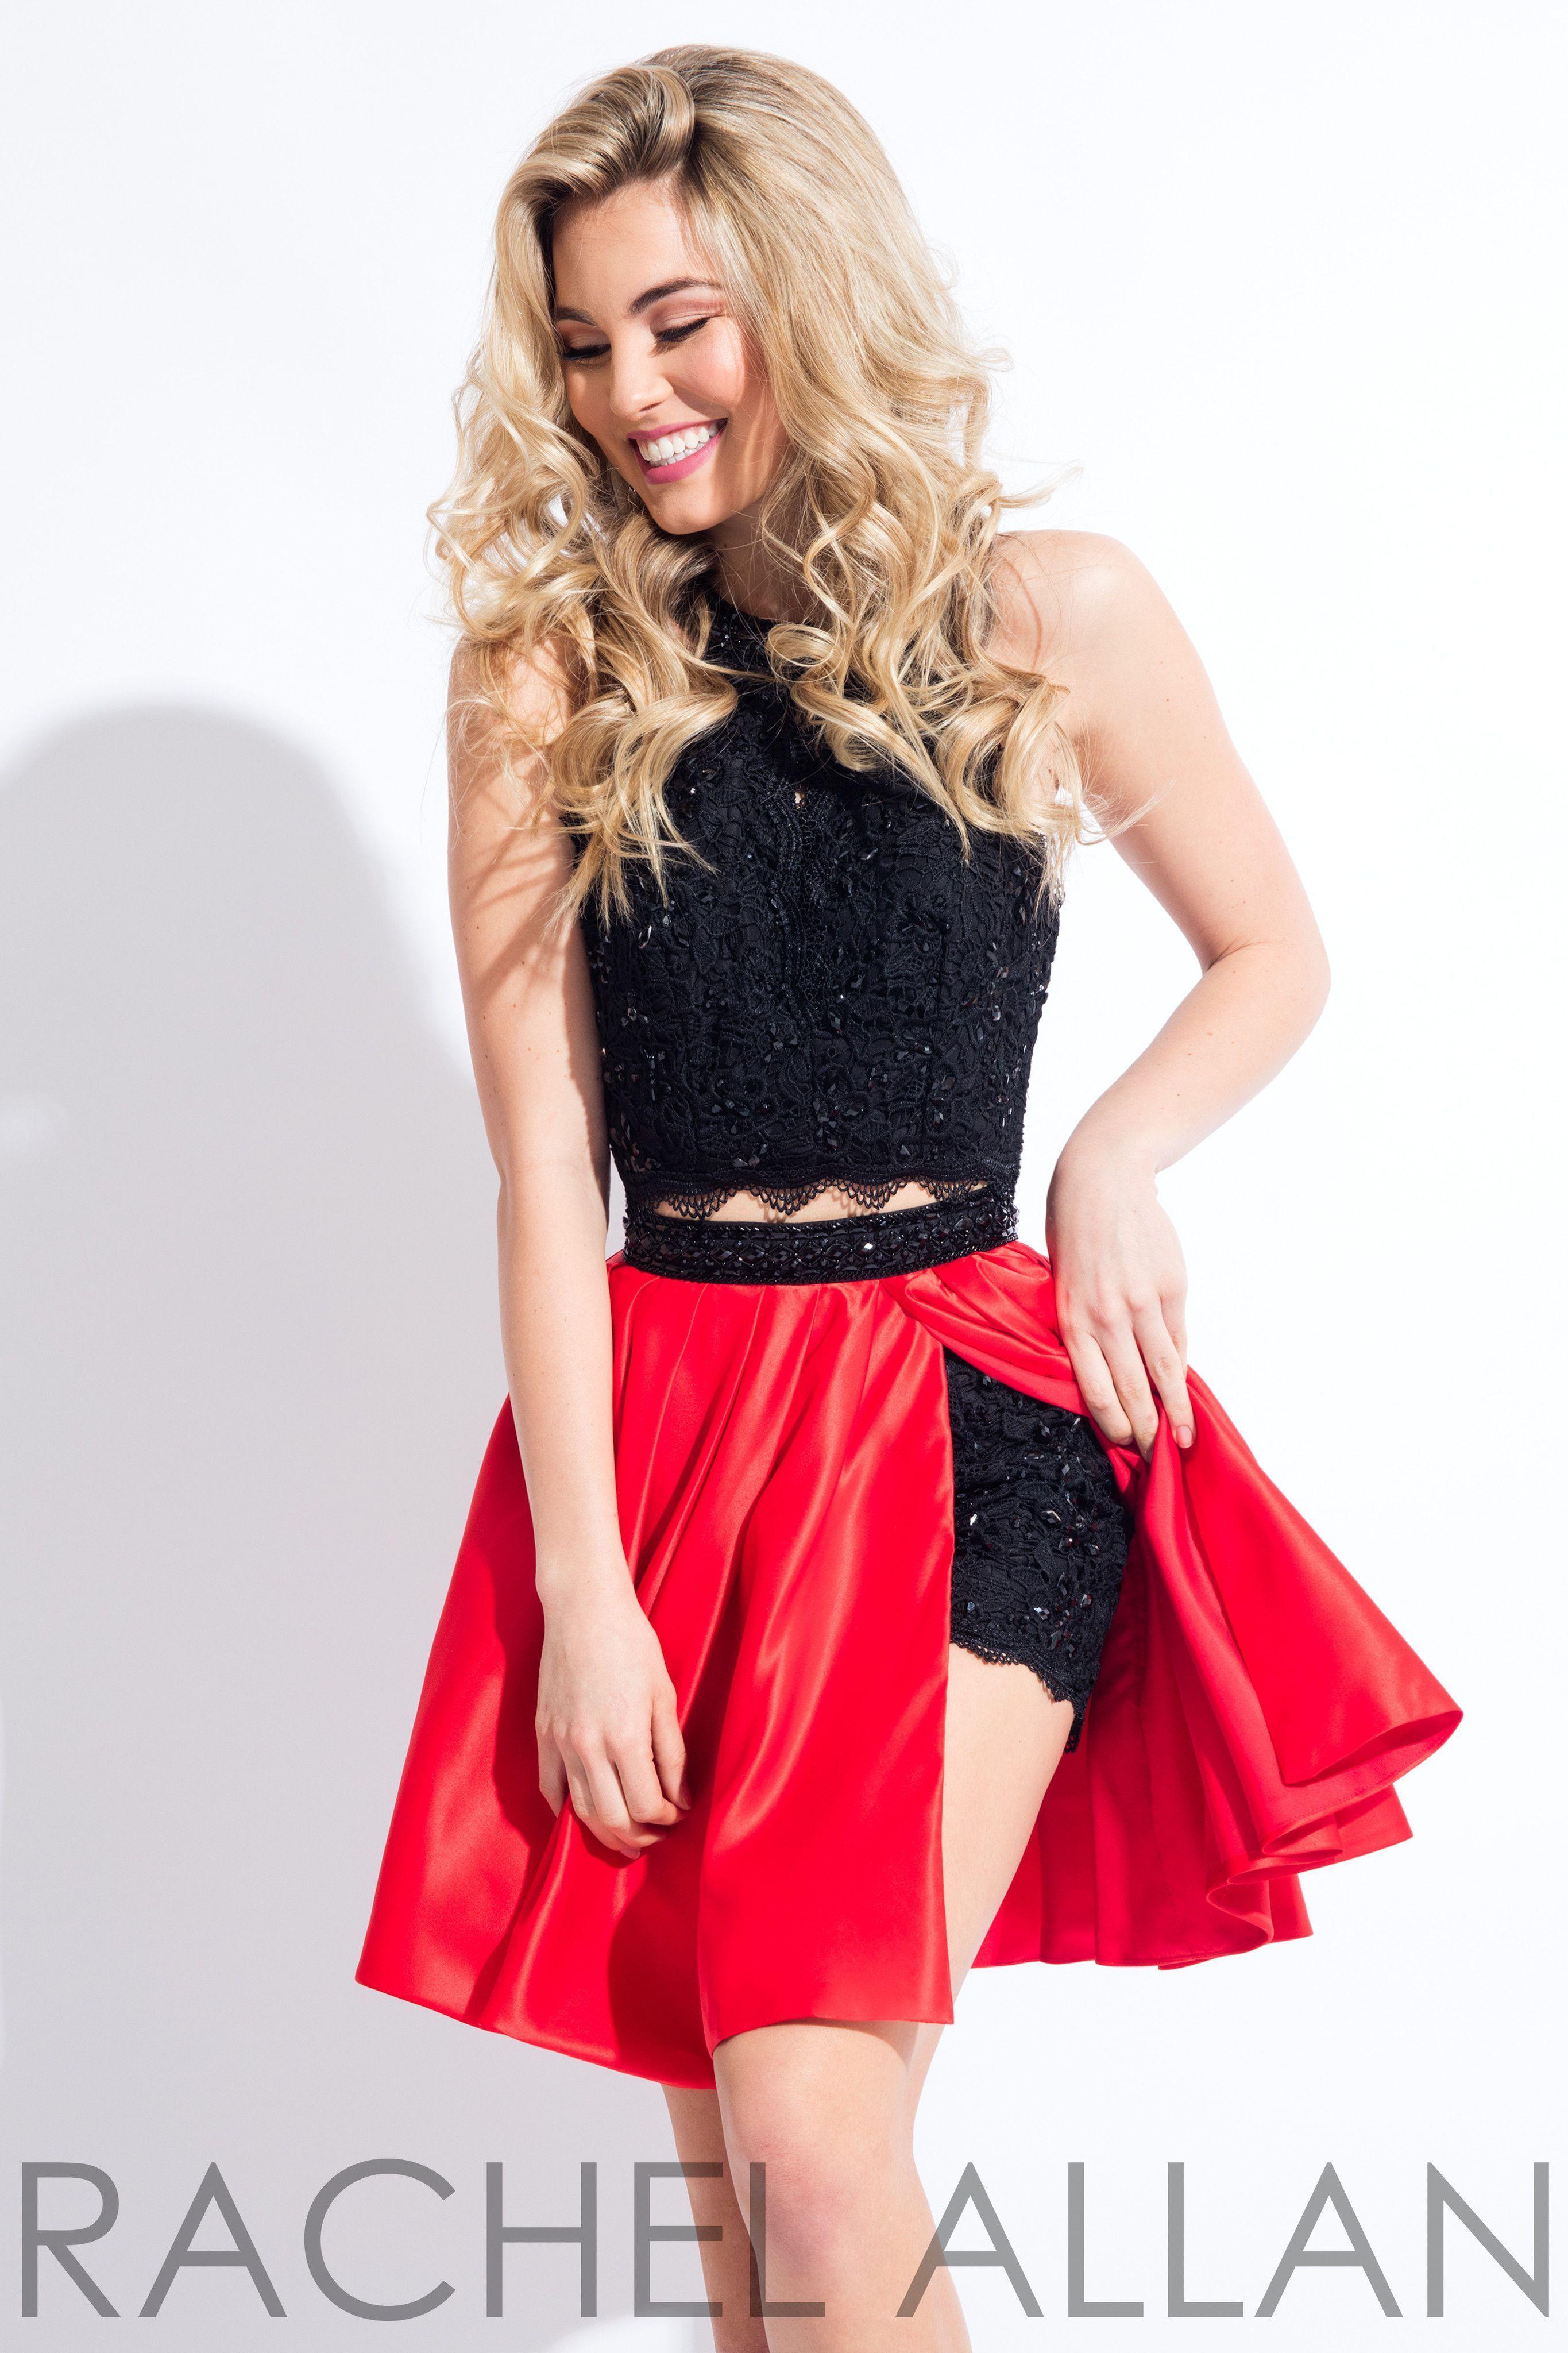 71751777a0e8 Rachel Allan 4392 Black Red High Neck Two Piece Short Dress